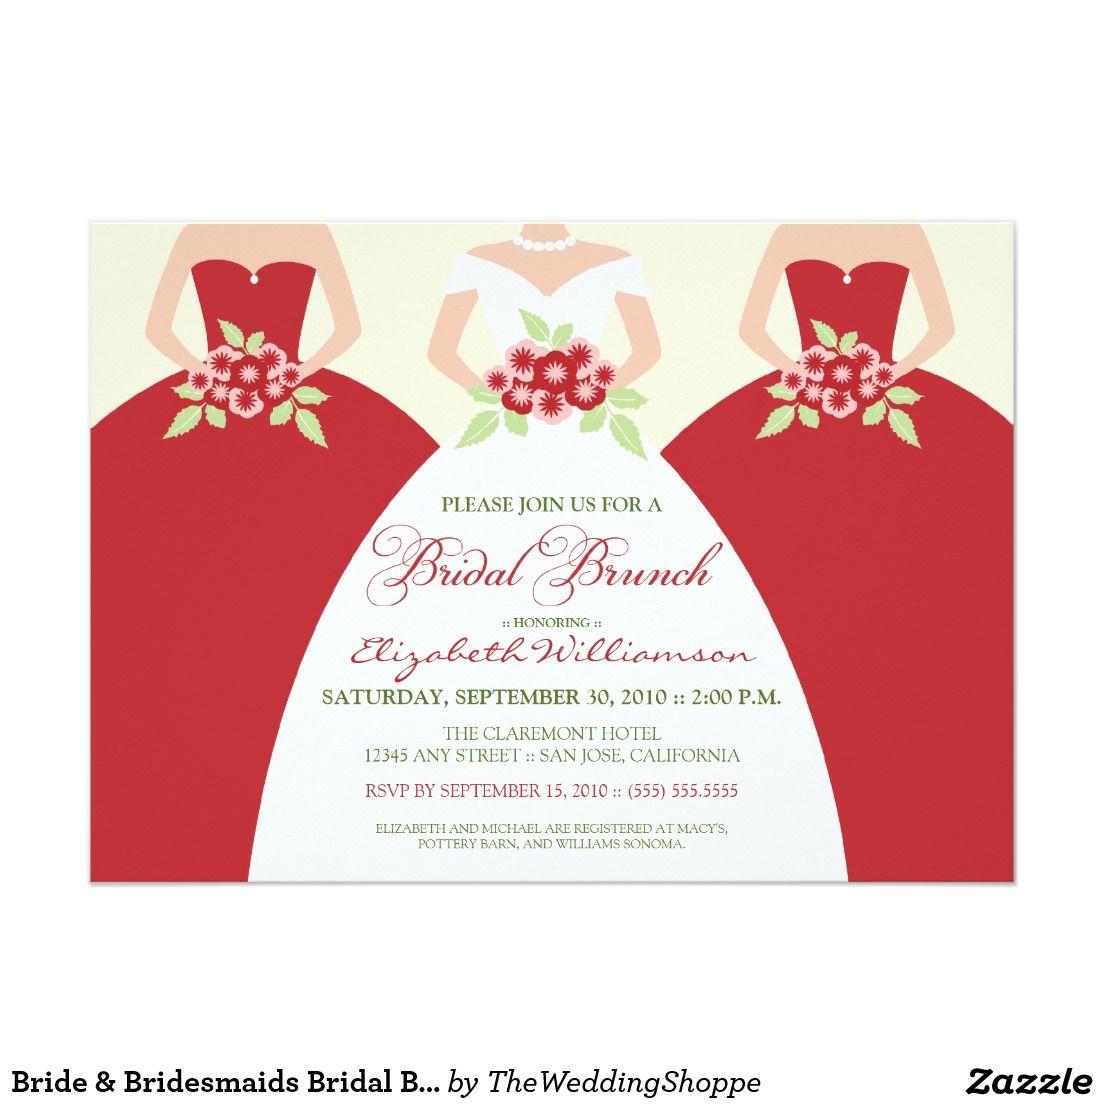 Bride & Bridesmaids Bridal Brunch Invitation (red) | Bridal, Brides ...